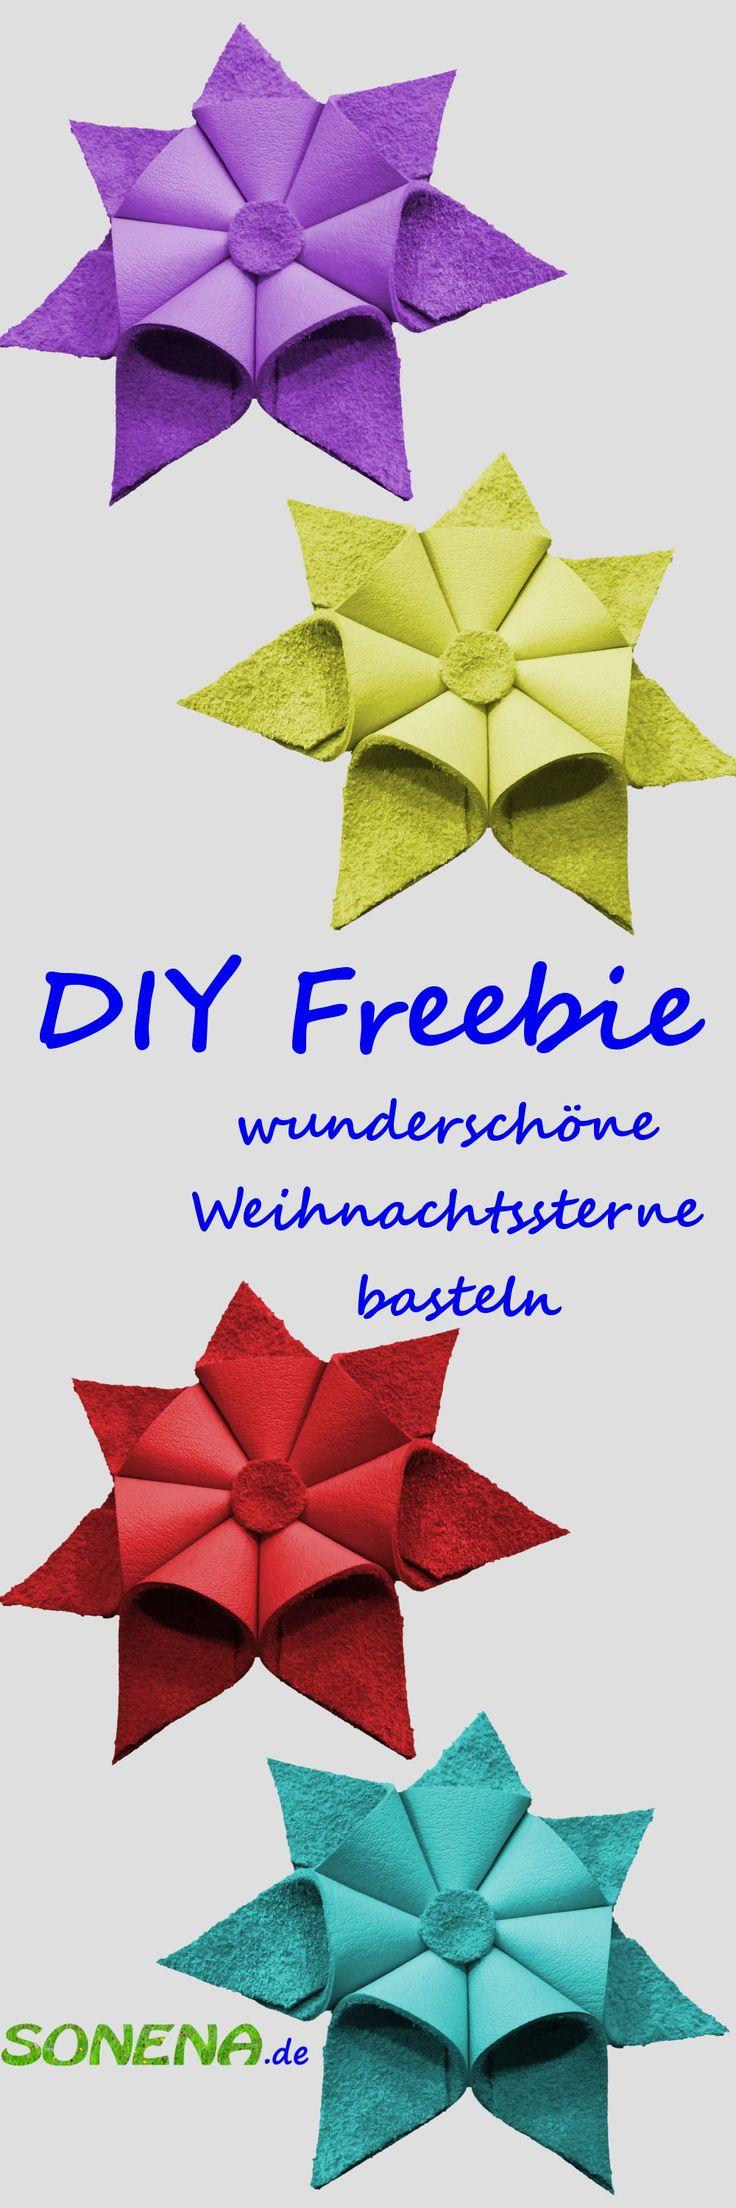 DIY Freebie -  kostenlose Anleitung - wunderschöne Weihnachtssterne aus Leder, Tonpapier, Holzspänen u.ä. basteln - Sterne als Weihnachtsdeko jetzt selber machen und das Haus und die Wohnung für den Advent und für weihnachten schmücken. Die Sterne eignen sich als Tischdeko zum verzieren von Weihnachtskarten, als Tannenbaumschmuck oder als besonderen Geschenkanhänger für Weihnachtsgeschenke